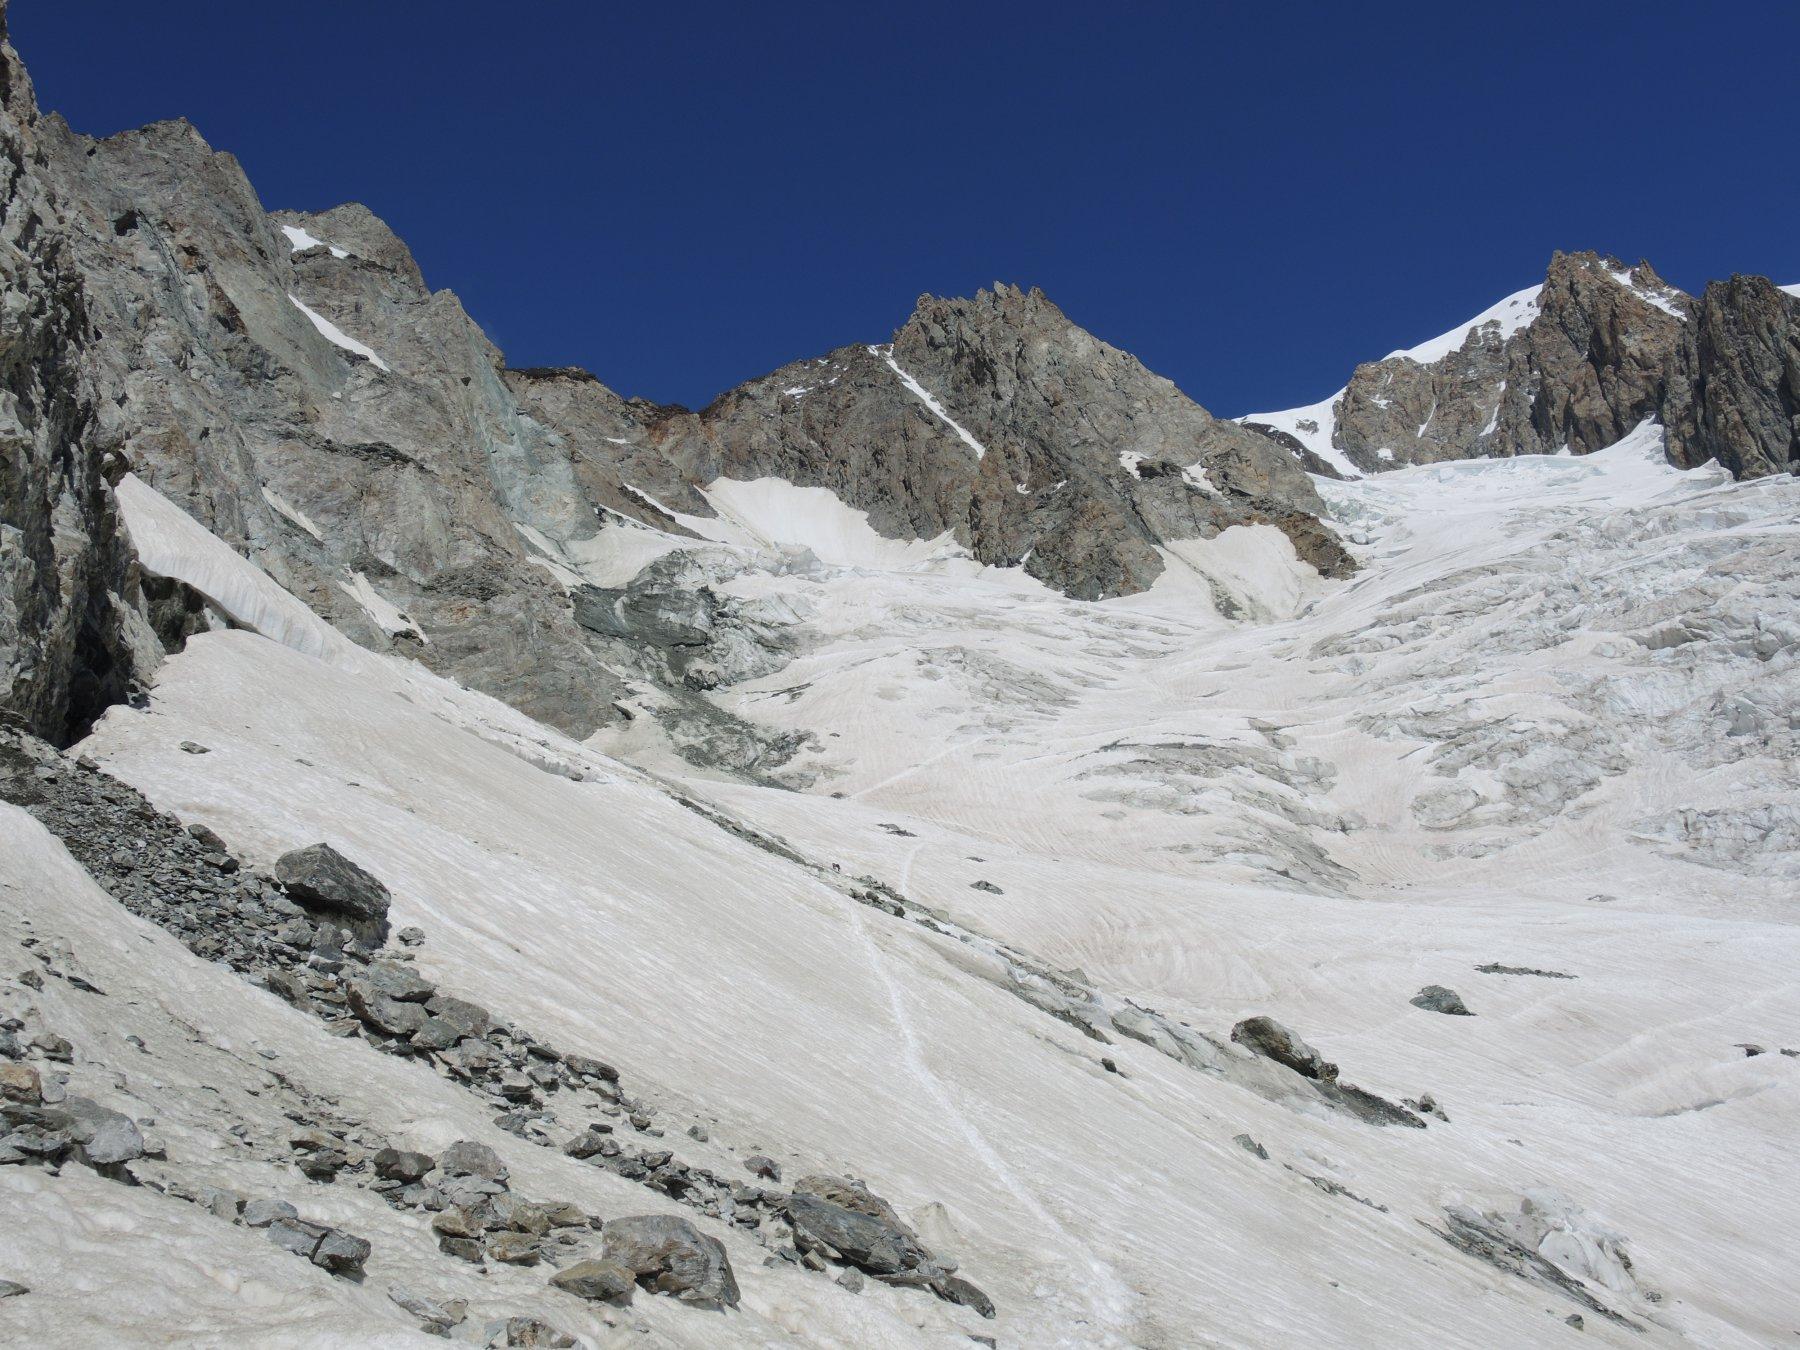 Il ghiacciaio del Dome dai pressi del rifugio Gonella